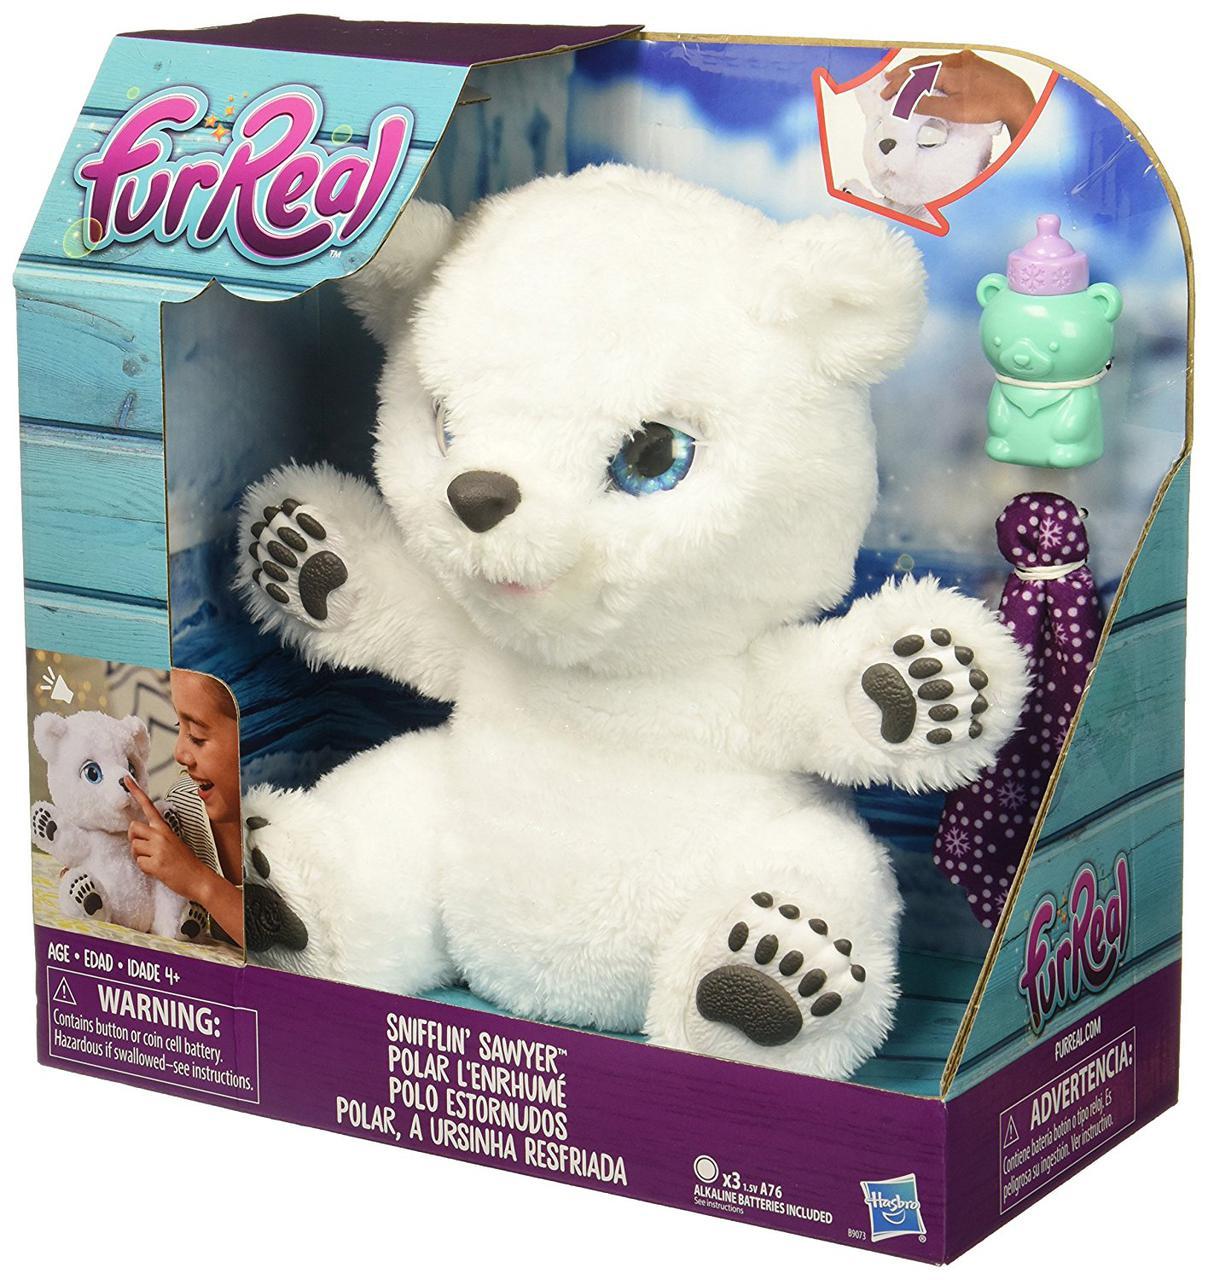 FurReal інтерактивний Полярний ведмедик від Hasbro